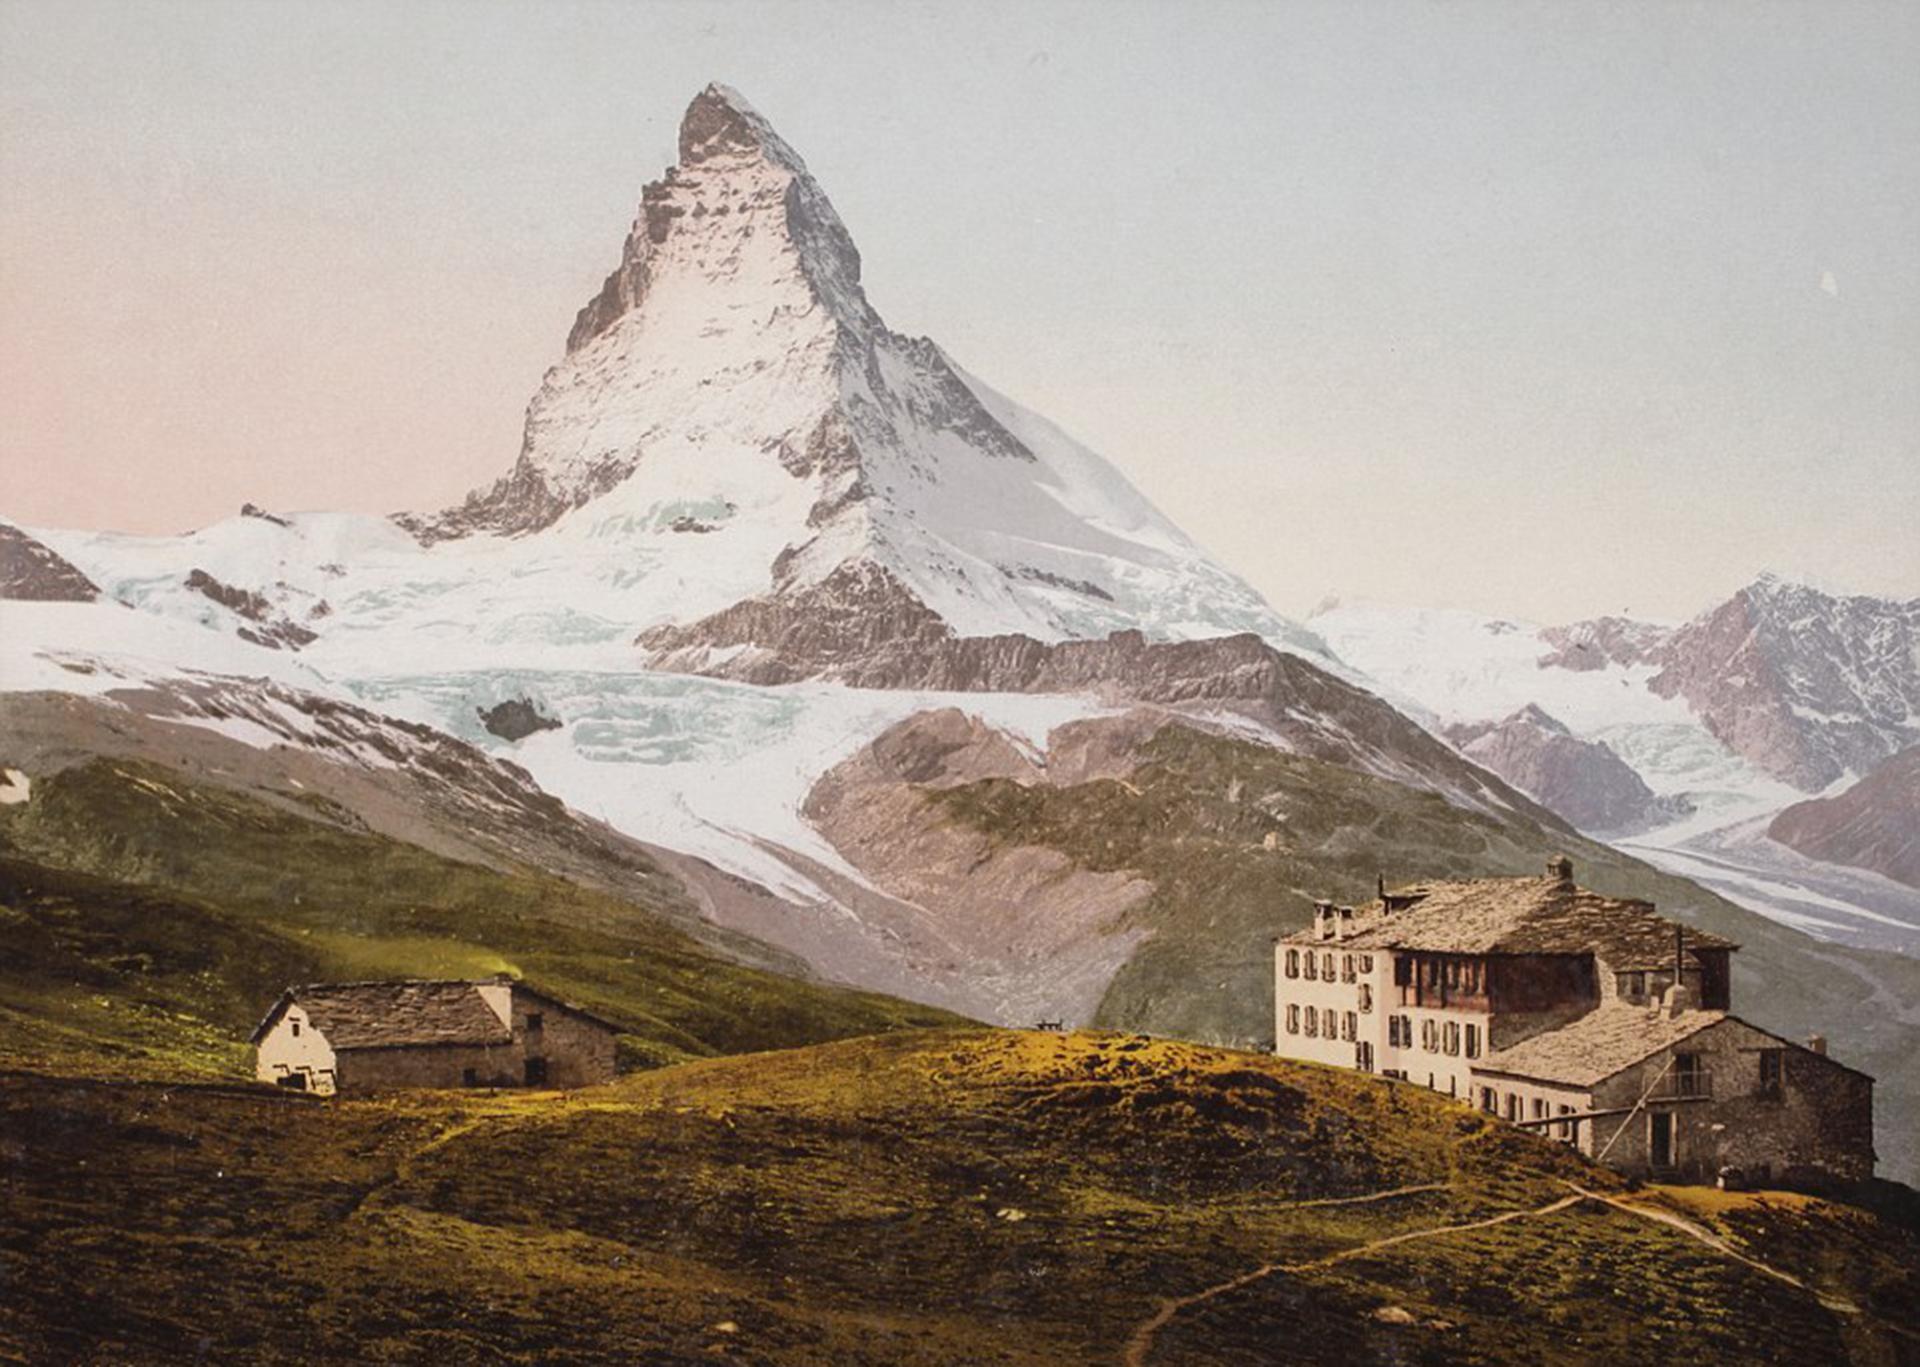 El Hotel Riffelhaus, en Riffelberg, Suiza. La vista del Matterhorn corona la imagen